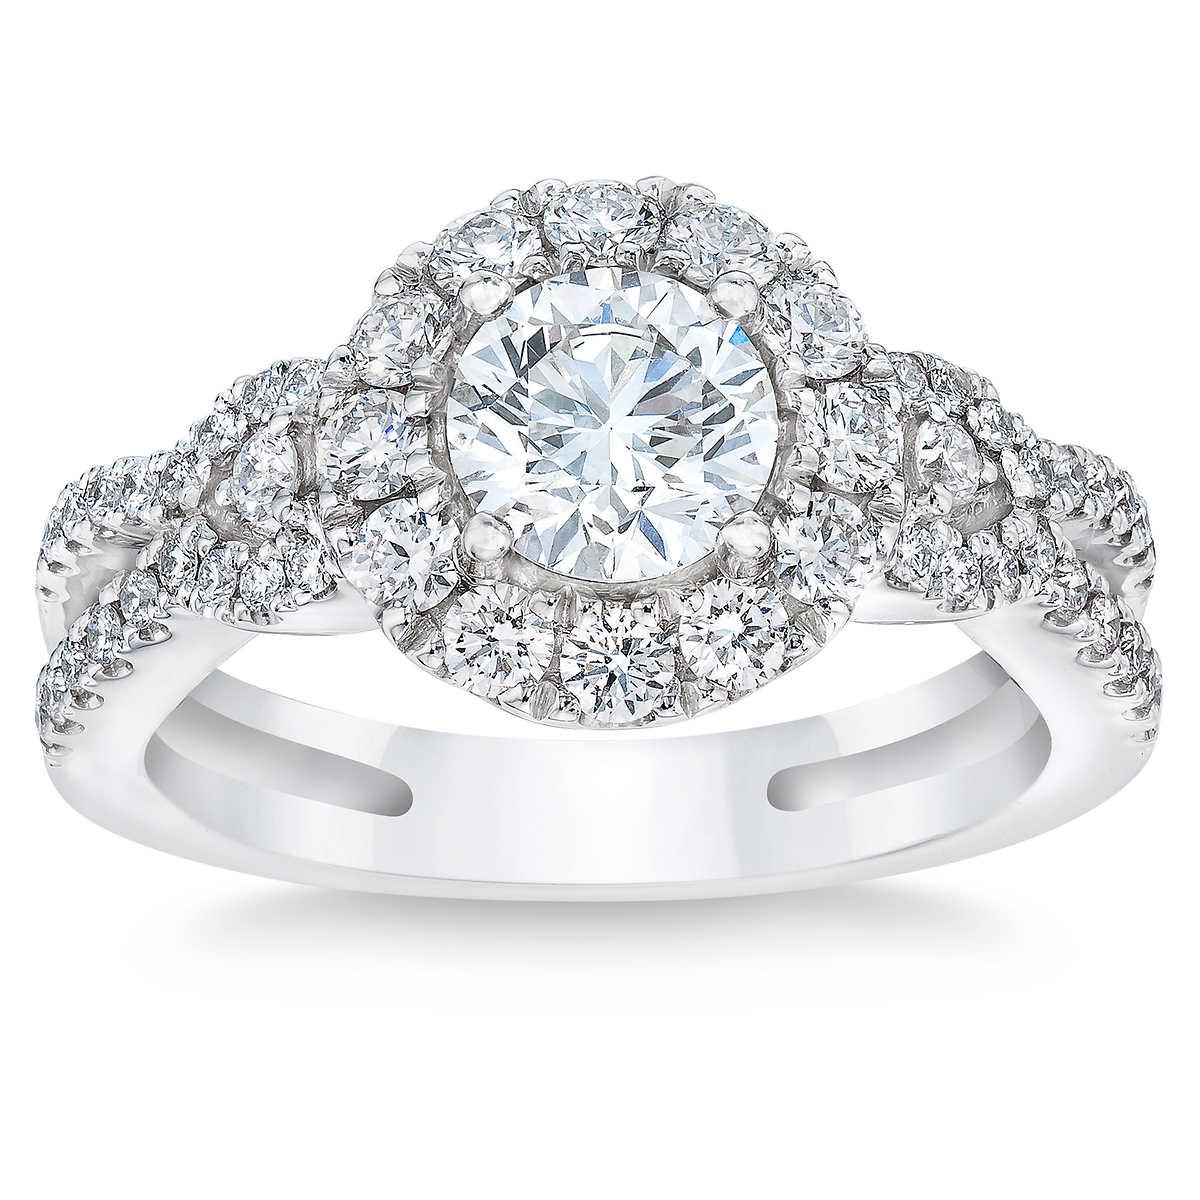 9937868d1f5 Round Brilliant 1.61 ctw VS2 Clarity, I Color Diamond Platinum Ring